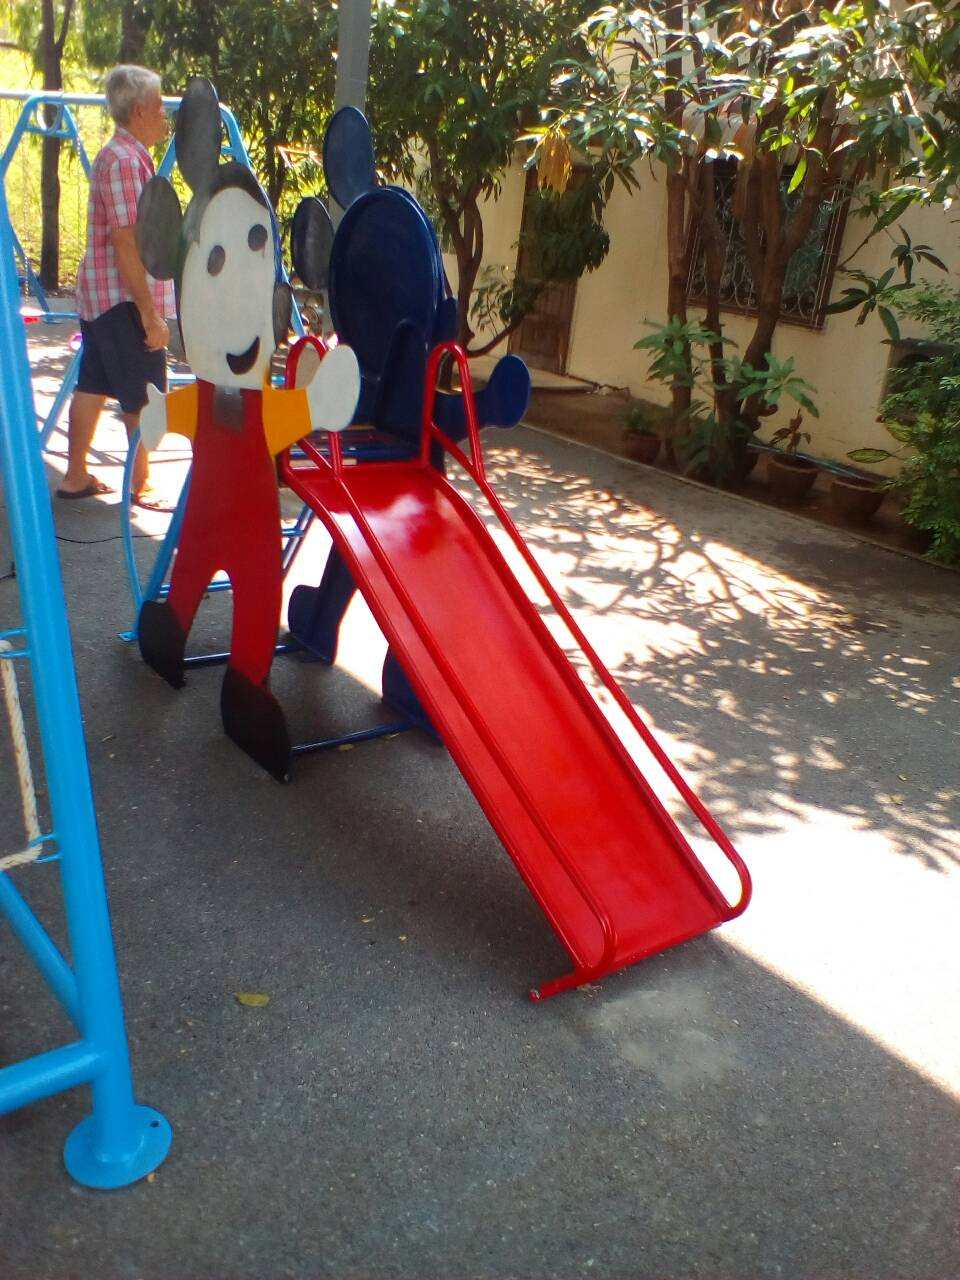 รหัส PG ผลงานติดตั้ง (ปากเกร็ด) เครื่องเล่นสนามกลางแจ้งสำหรับเด็ก-03